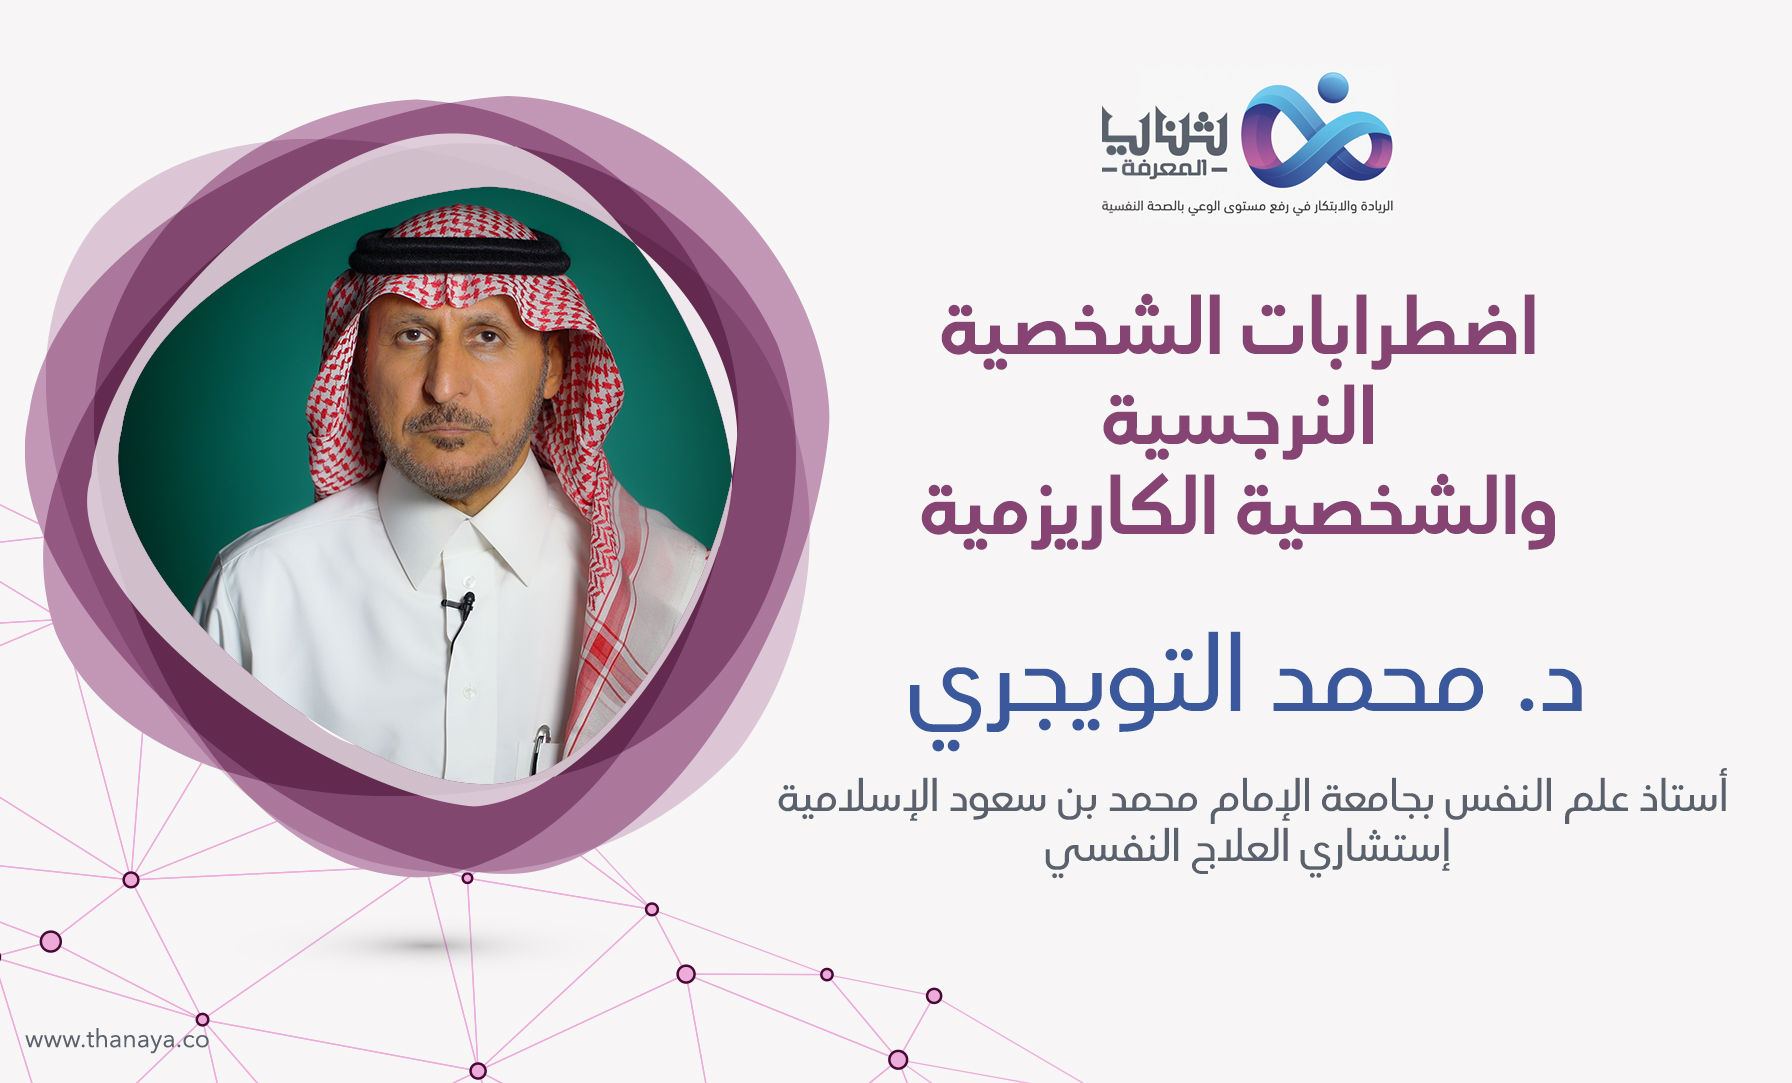 د. محمد التويجري - اضطرابات الشخصية النرجسية والشخصية الكاريزمية